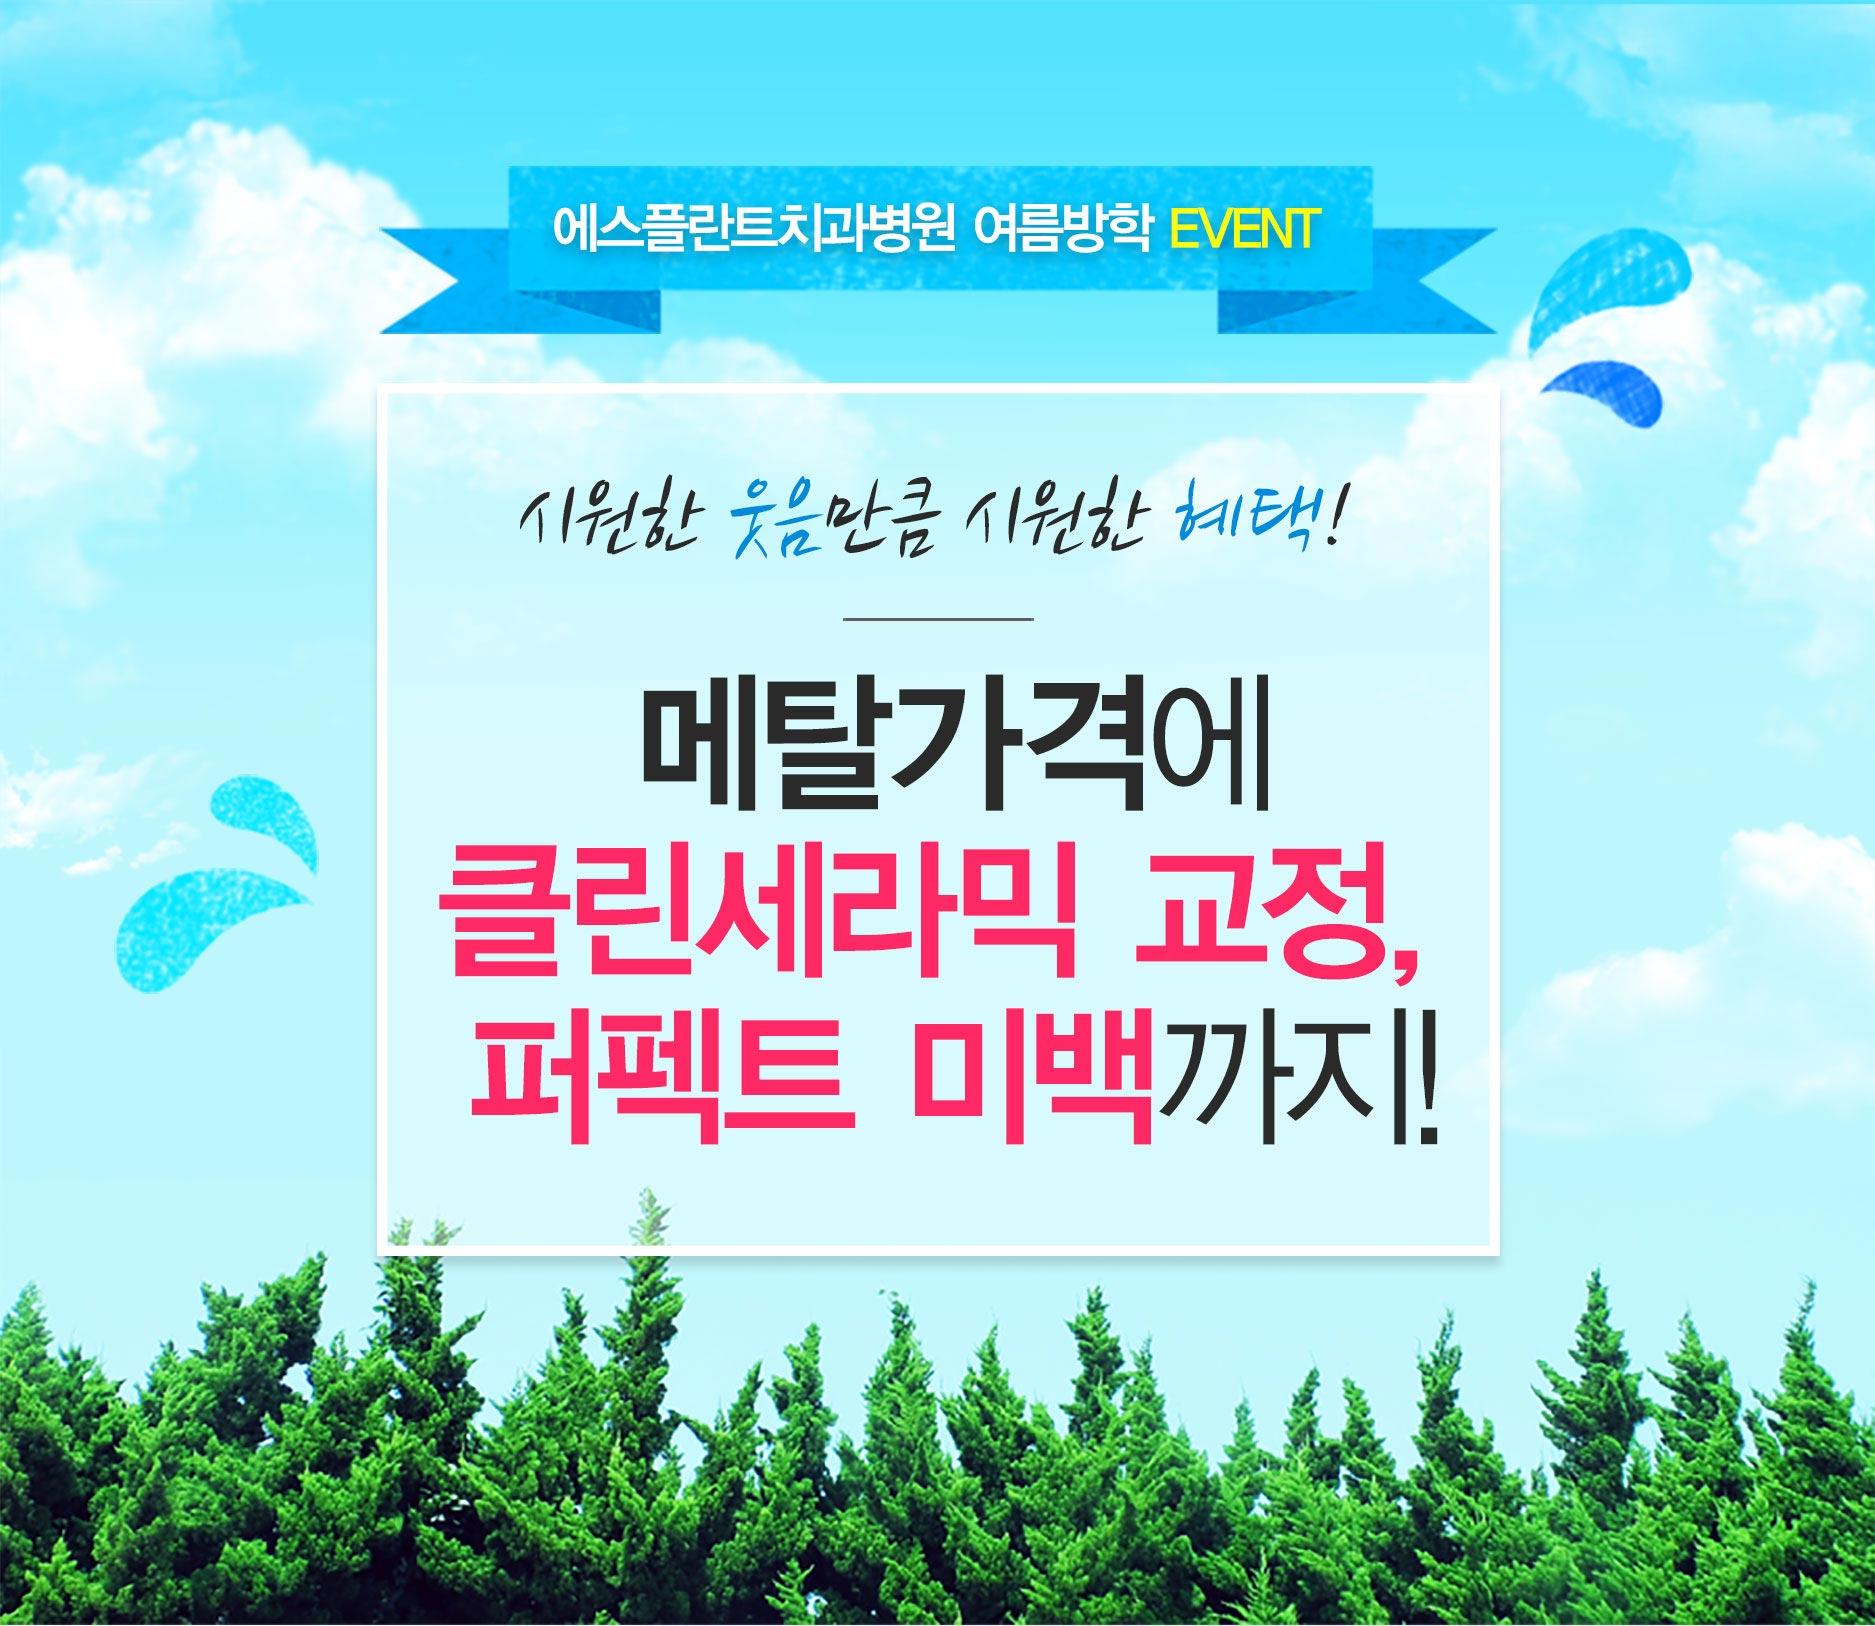 2017여름방학이벤트_클린세라믹_01